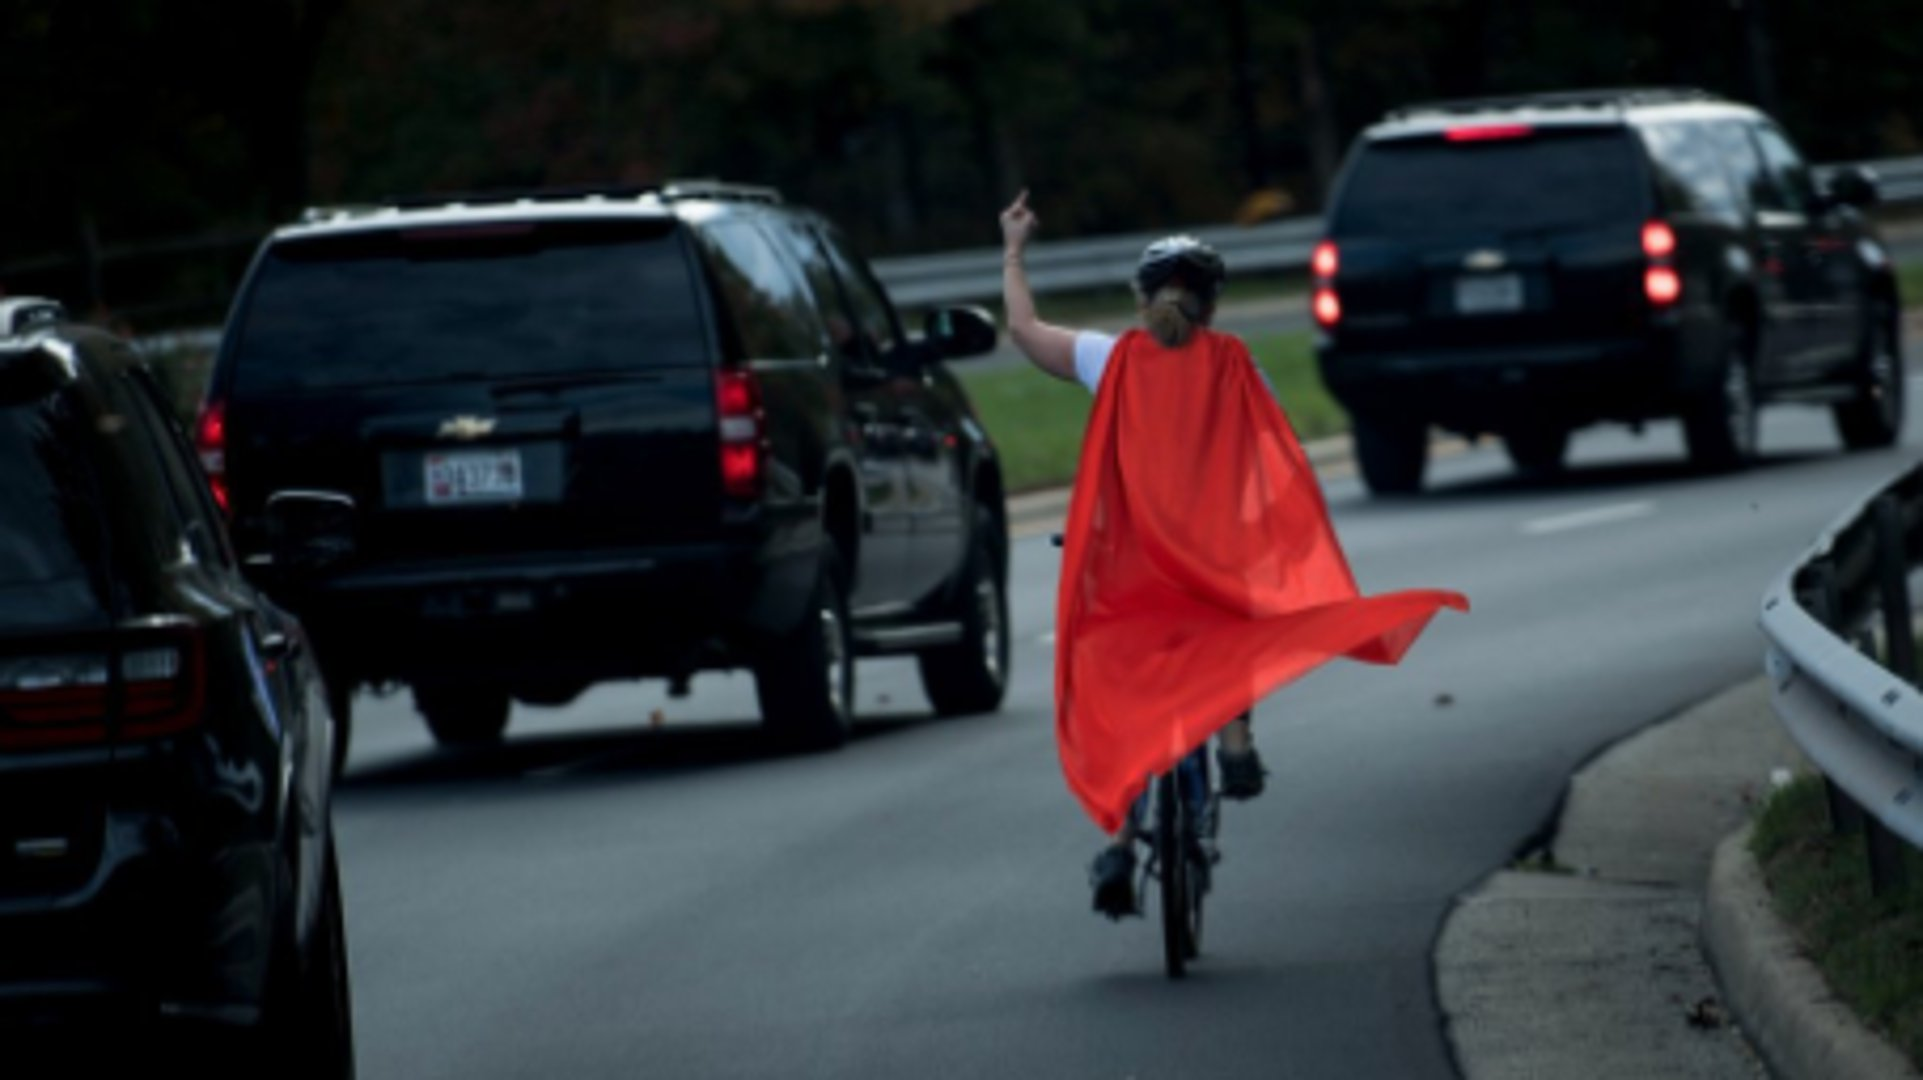 Netz-Hype um Frau, die Trump den Mittelfinger zeigte